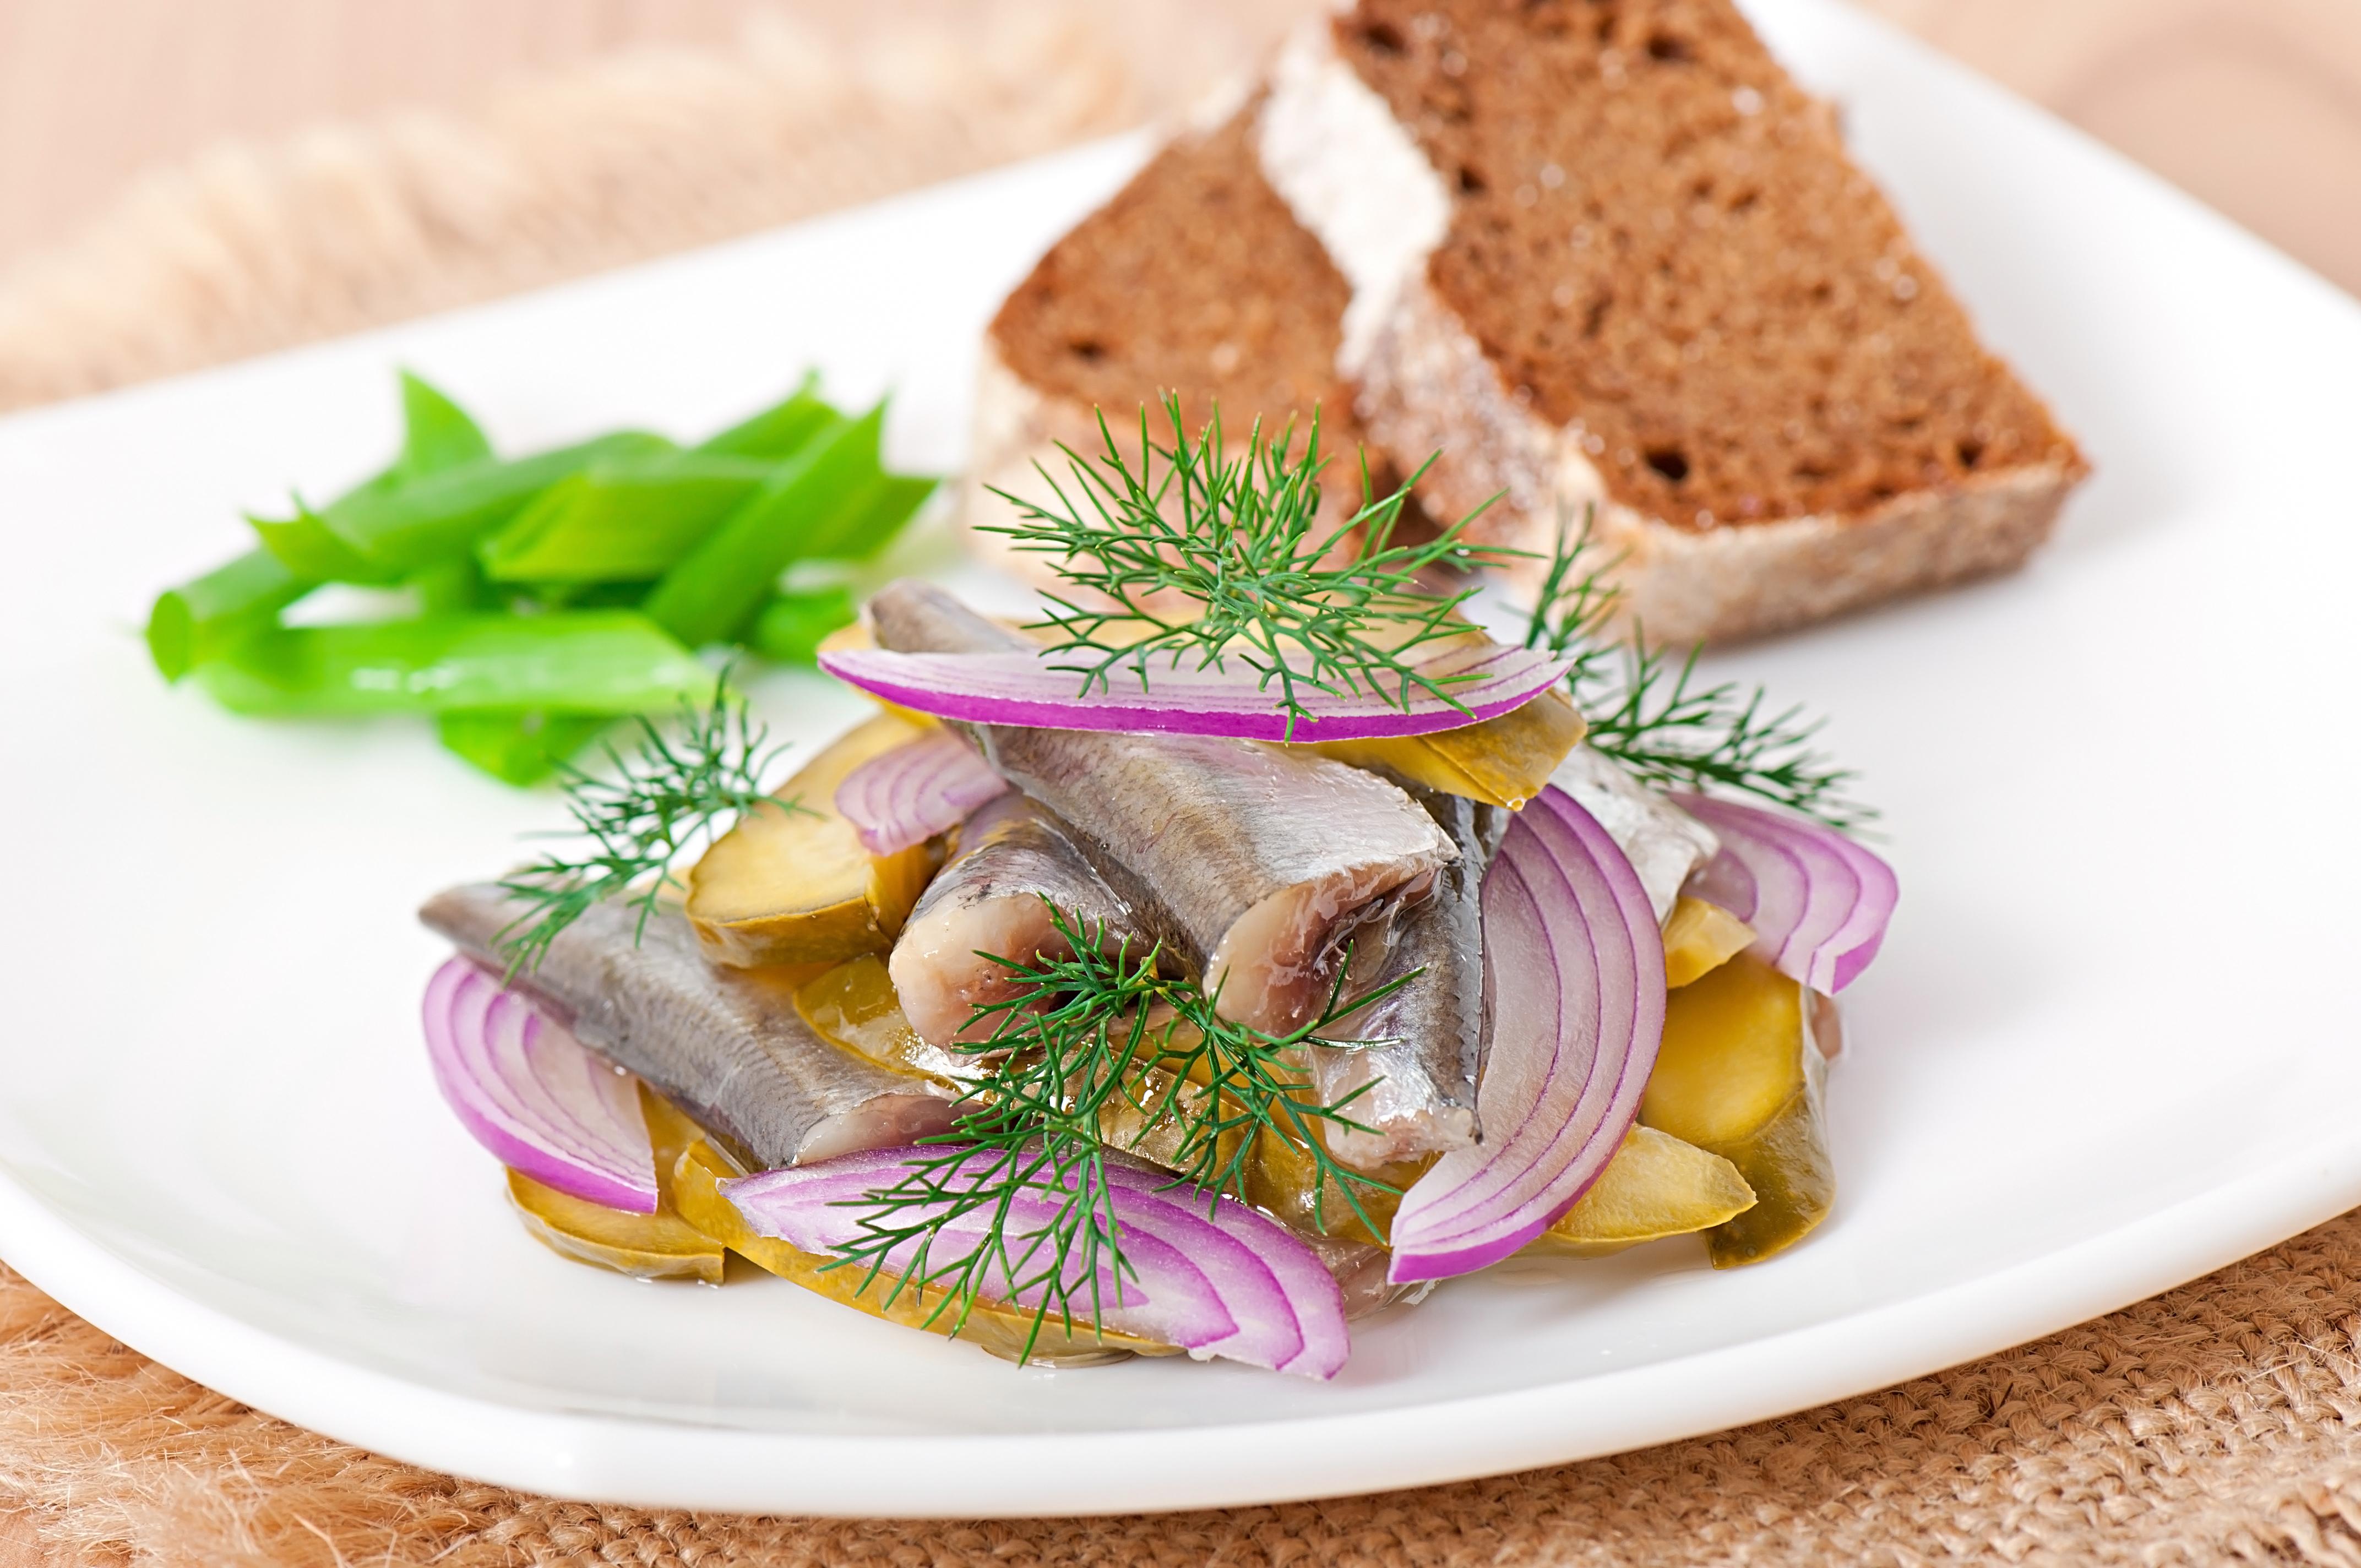 Nordic diet.